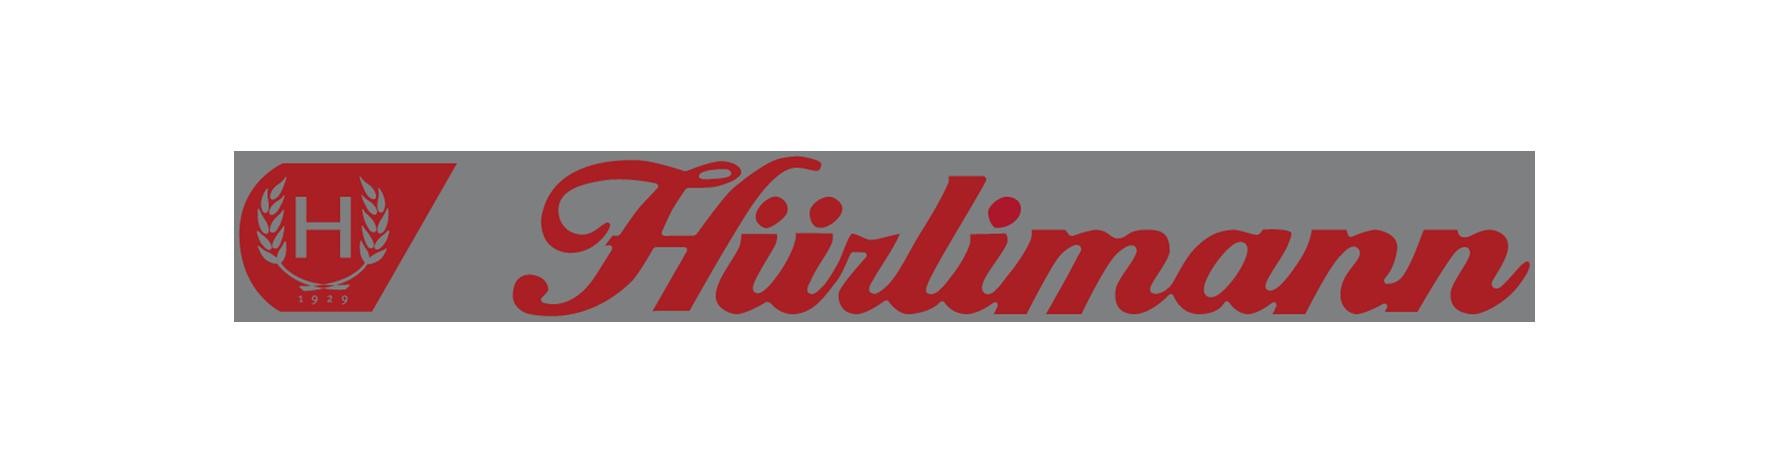 hurlimann_centro_cores